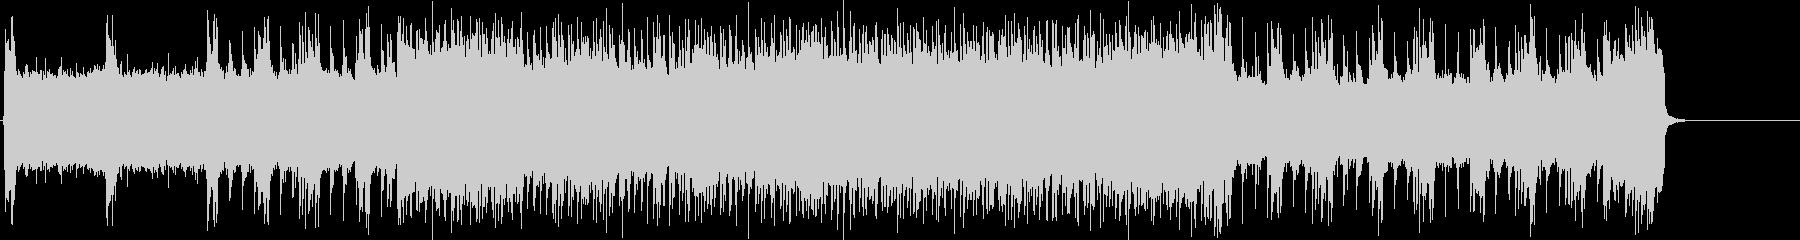 エナジー大放出サウンドの未再生の波形